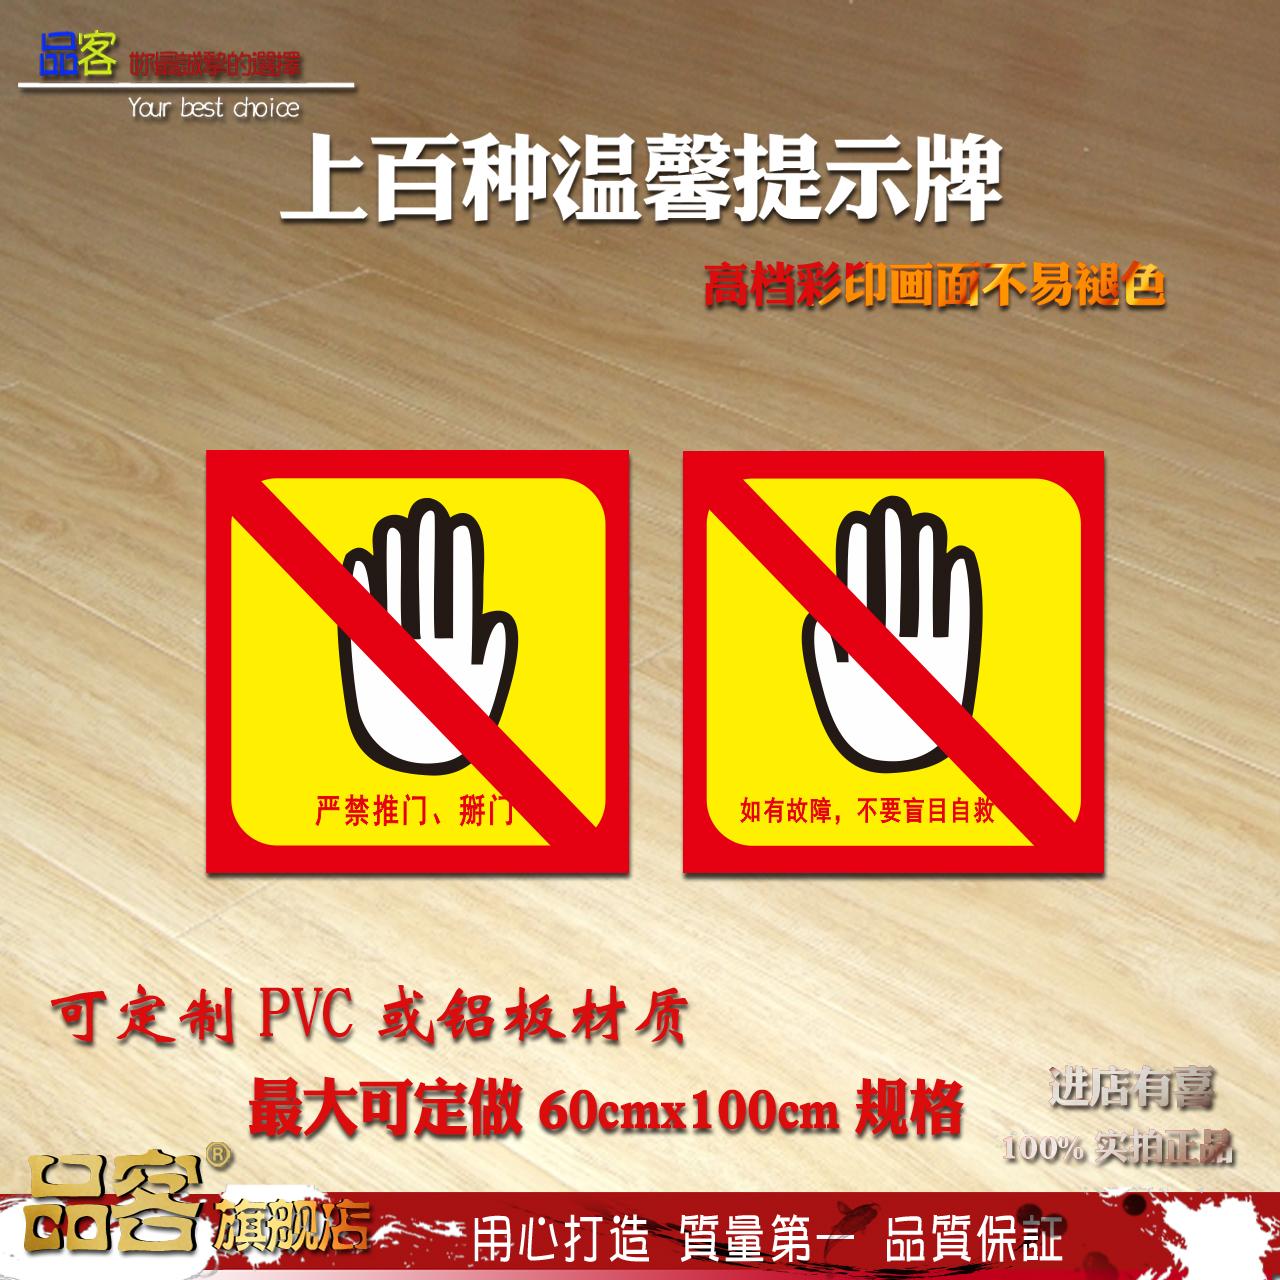 安全警示牌 厢式电梯安全标识严禁推门,掰门温馨提示3mdte-b001图片